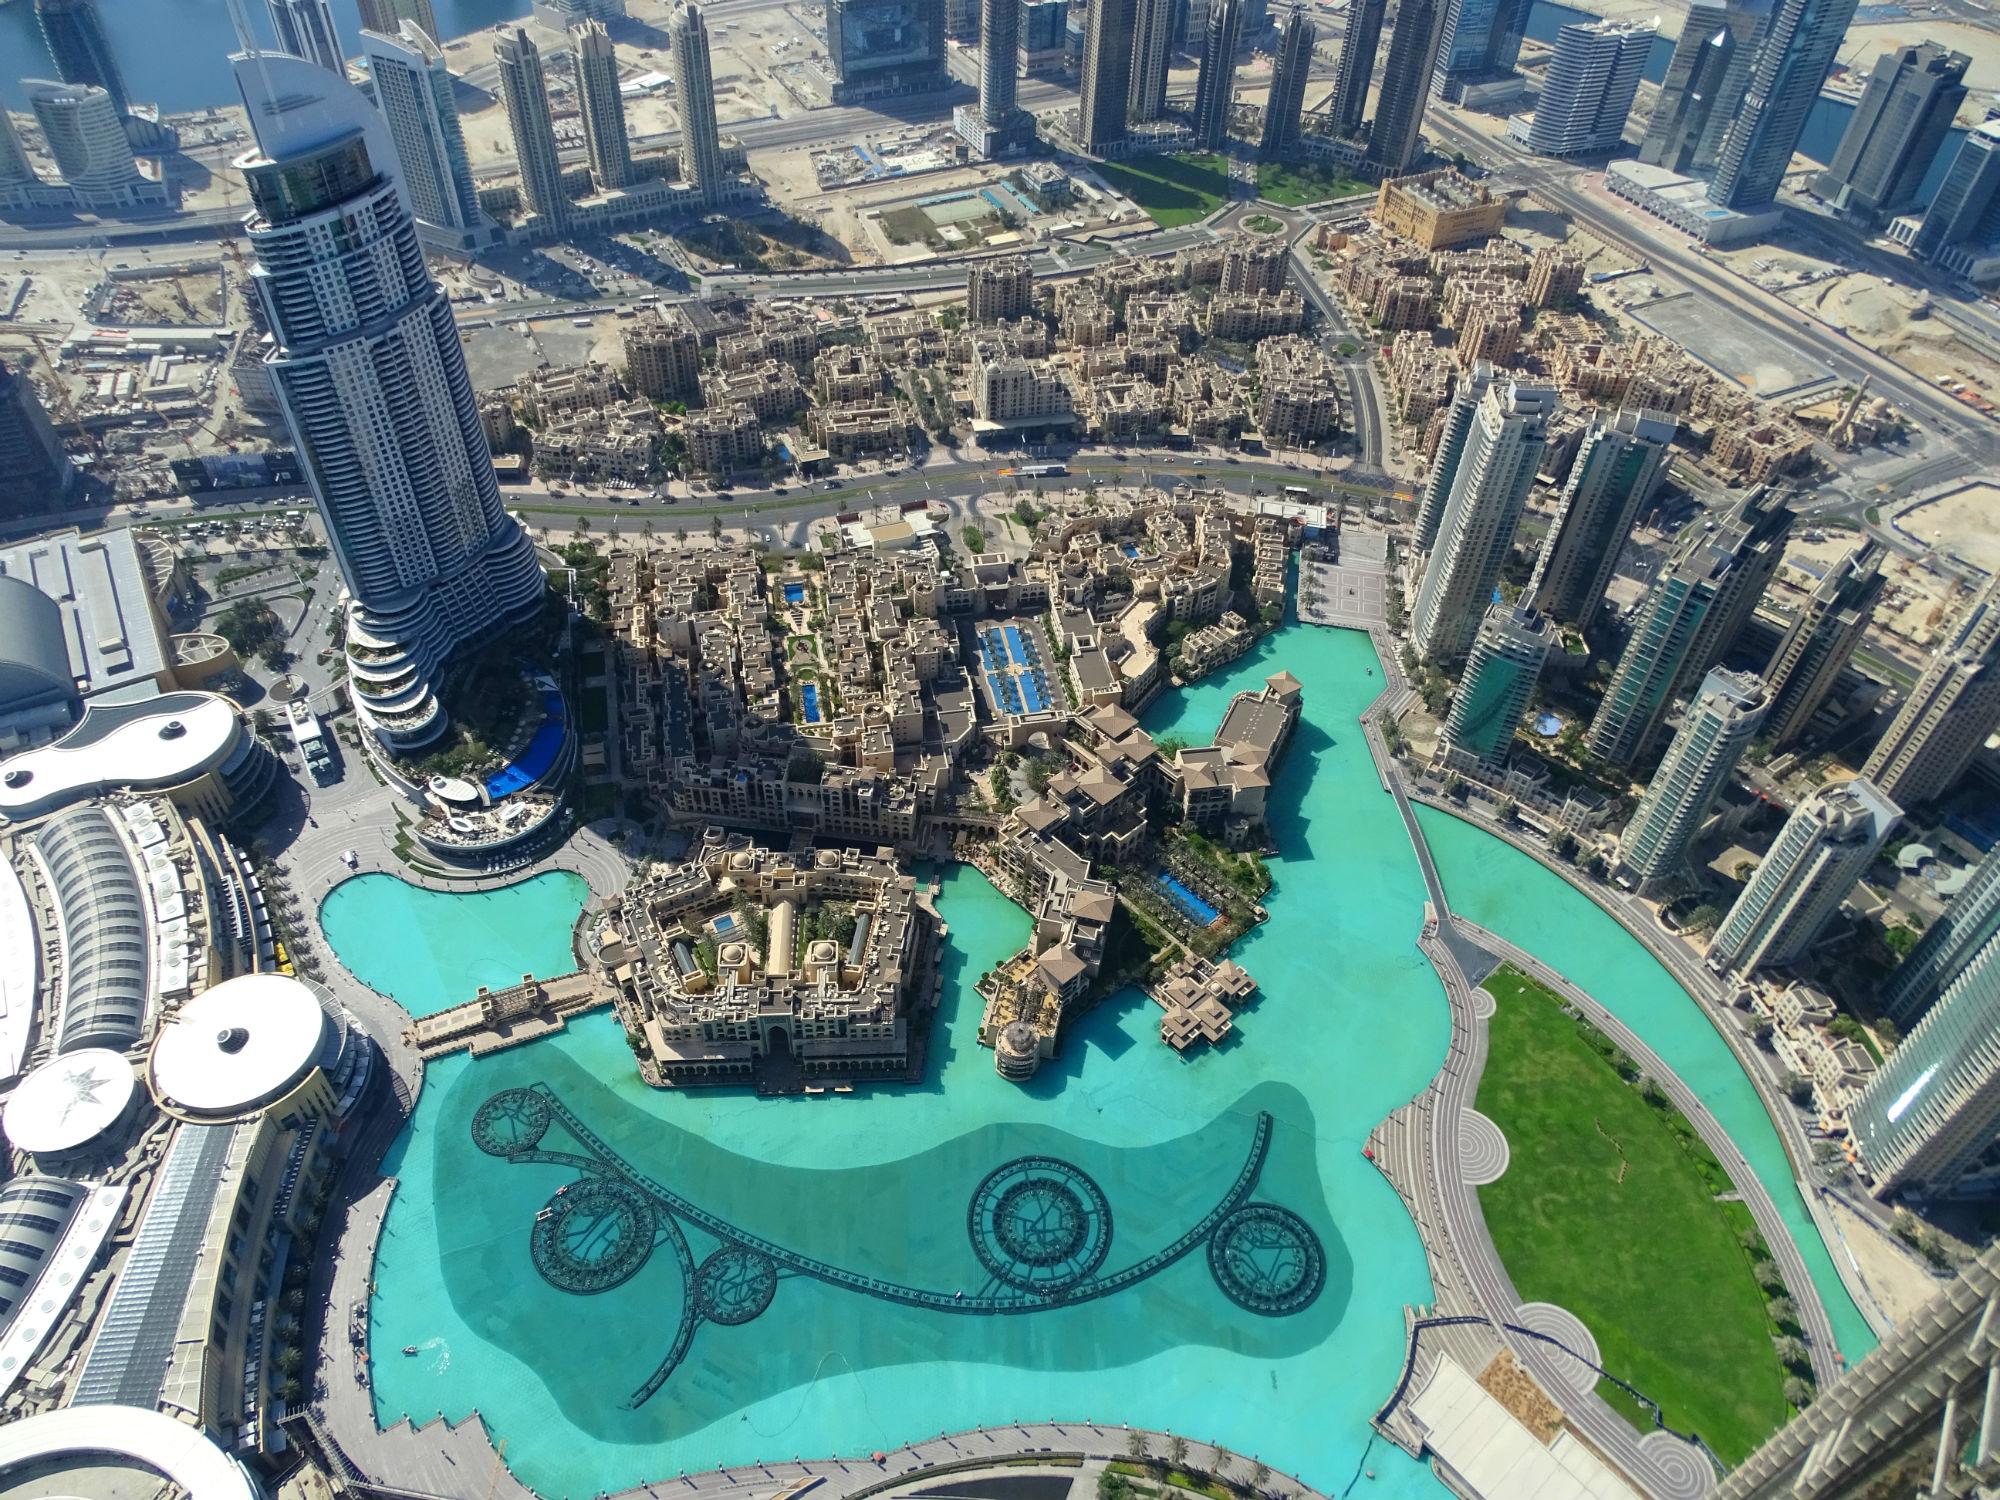 Mobile Internet In Dubai And Abu Dhabi Using A Prepaid 3g Data